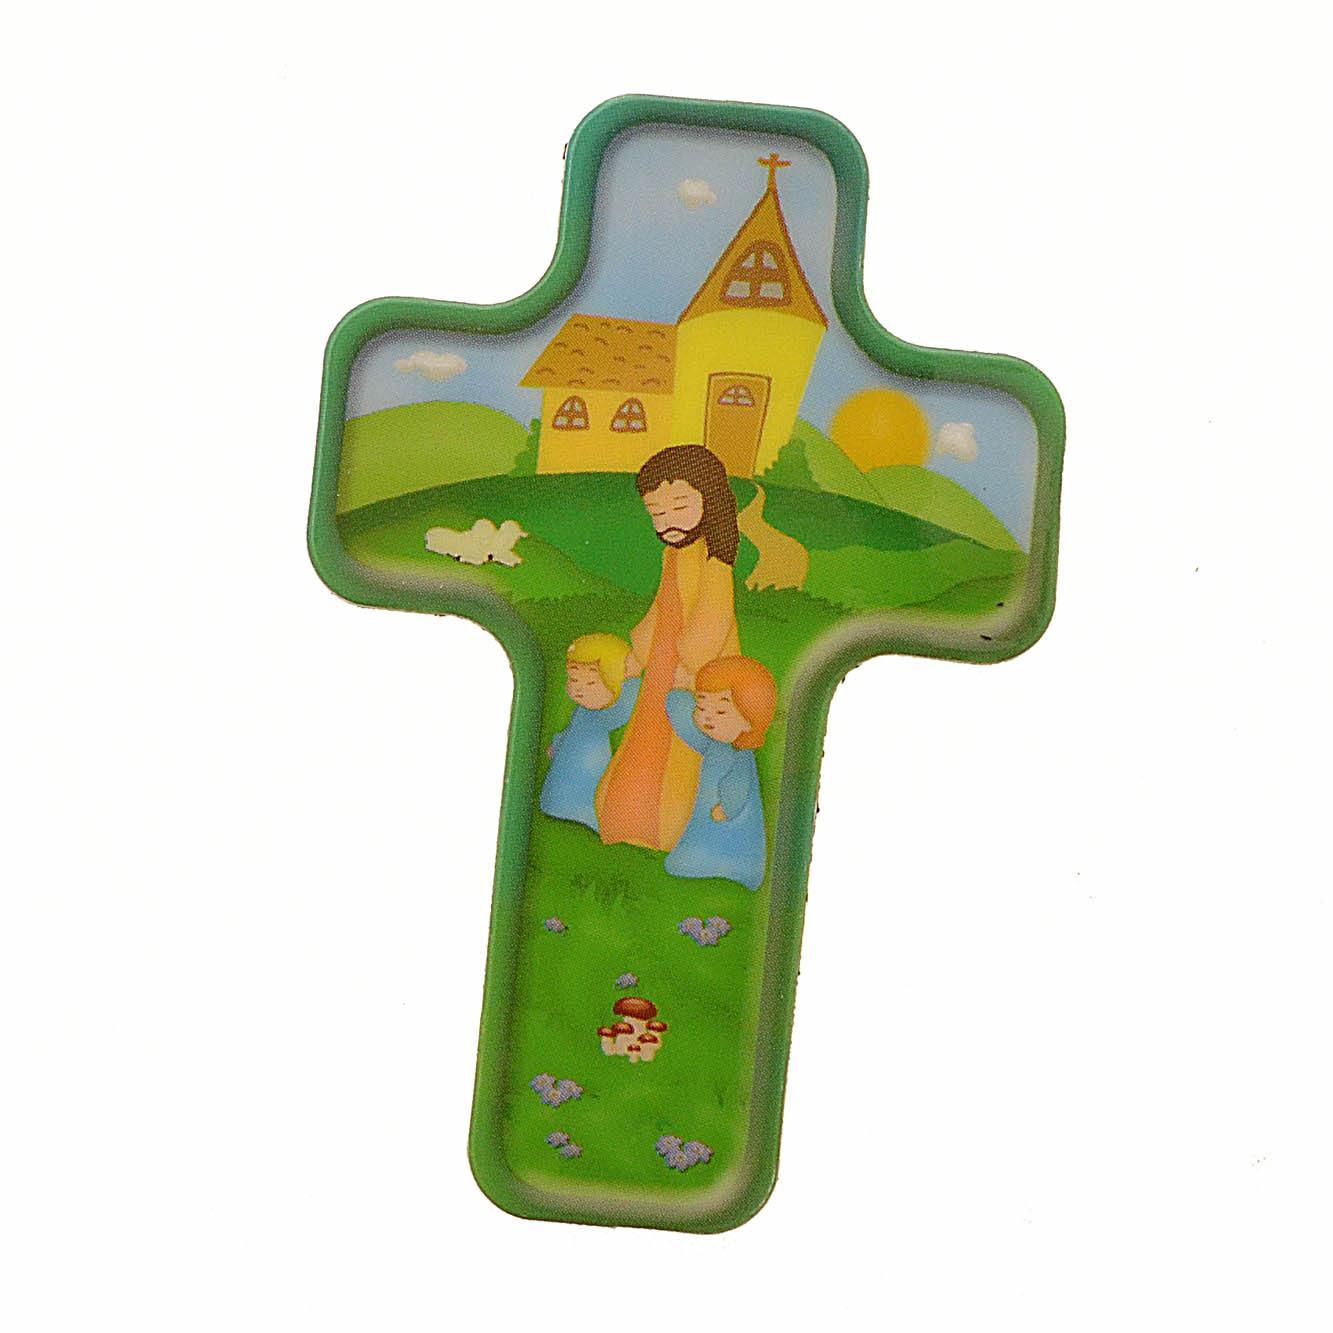 Magnete a forma di croce 39 ges e i bambini 39 4x6 italia for Immagini punto croce per bambini